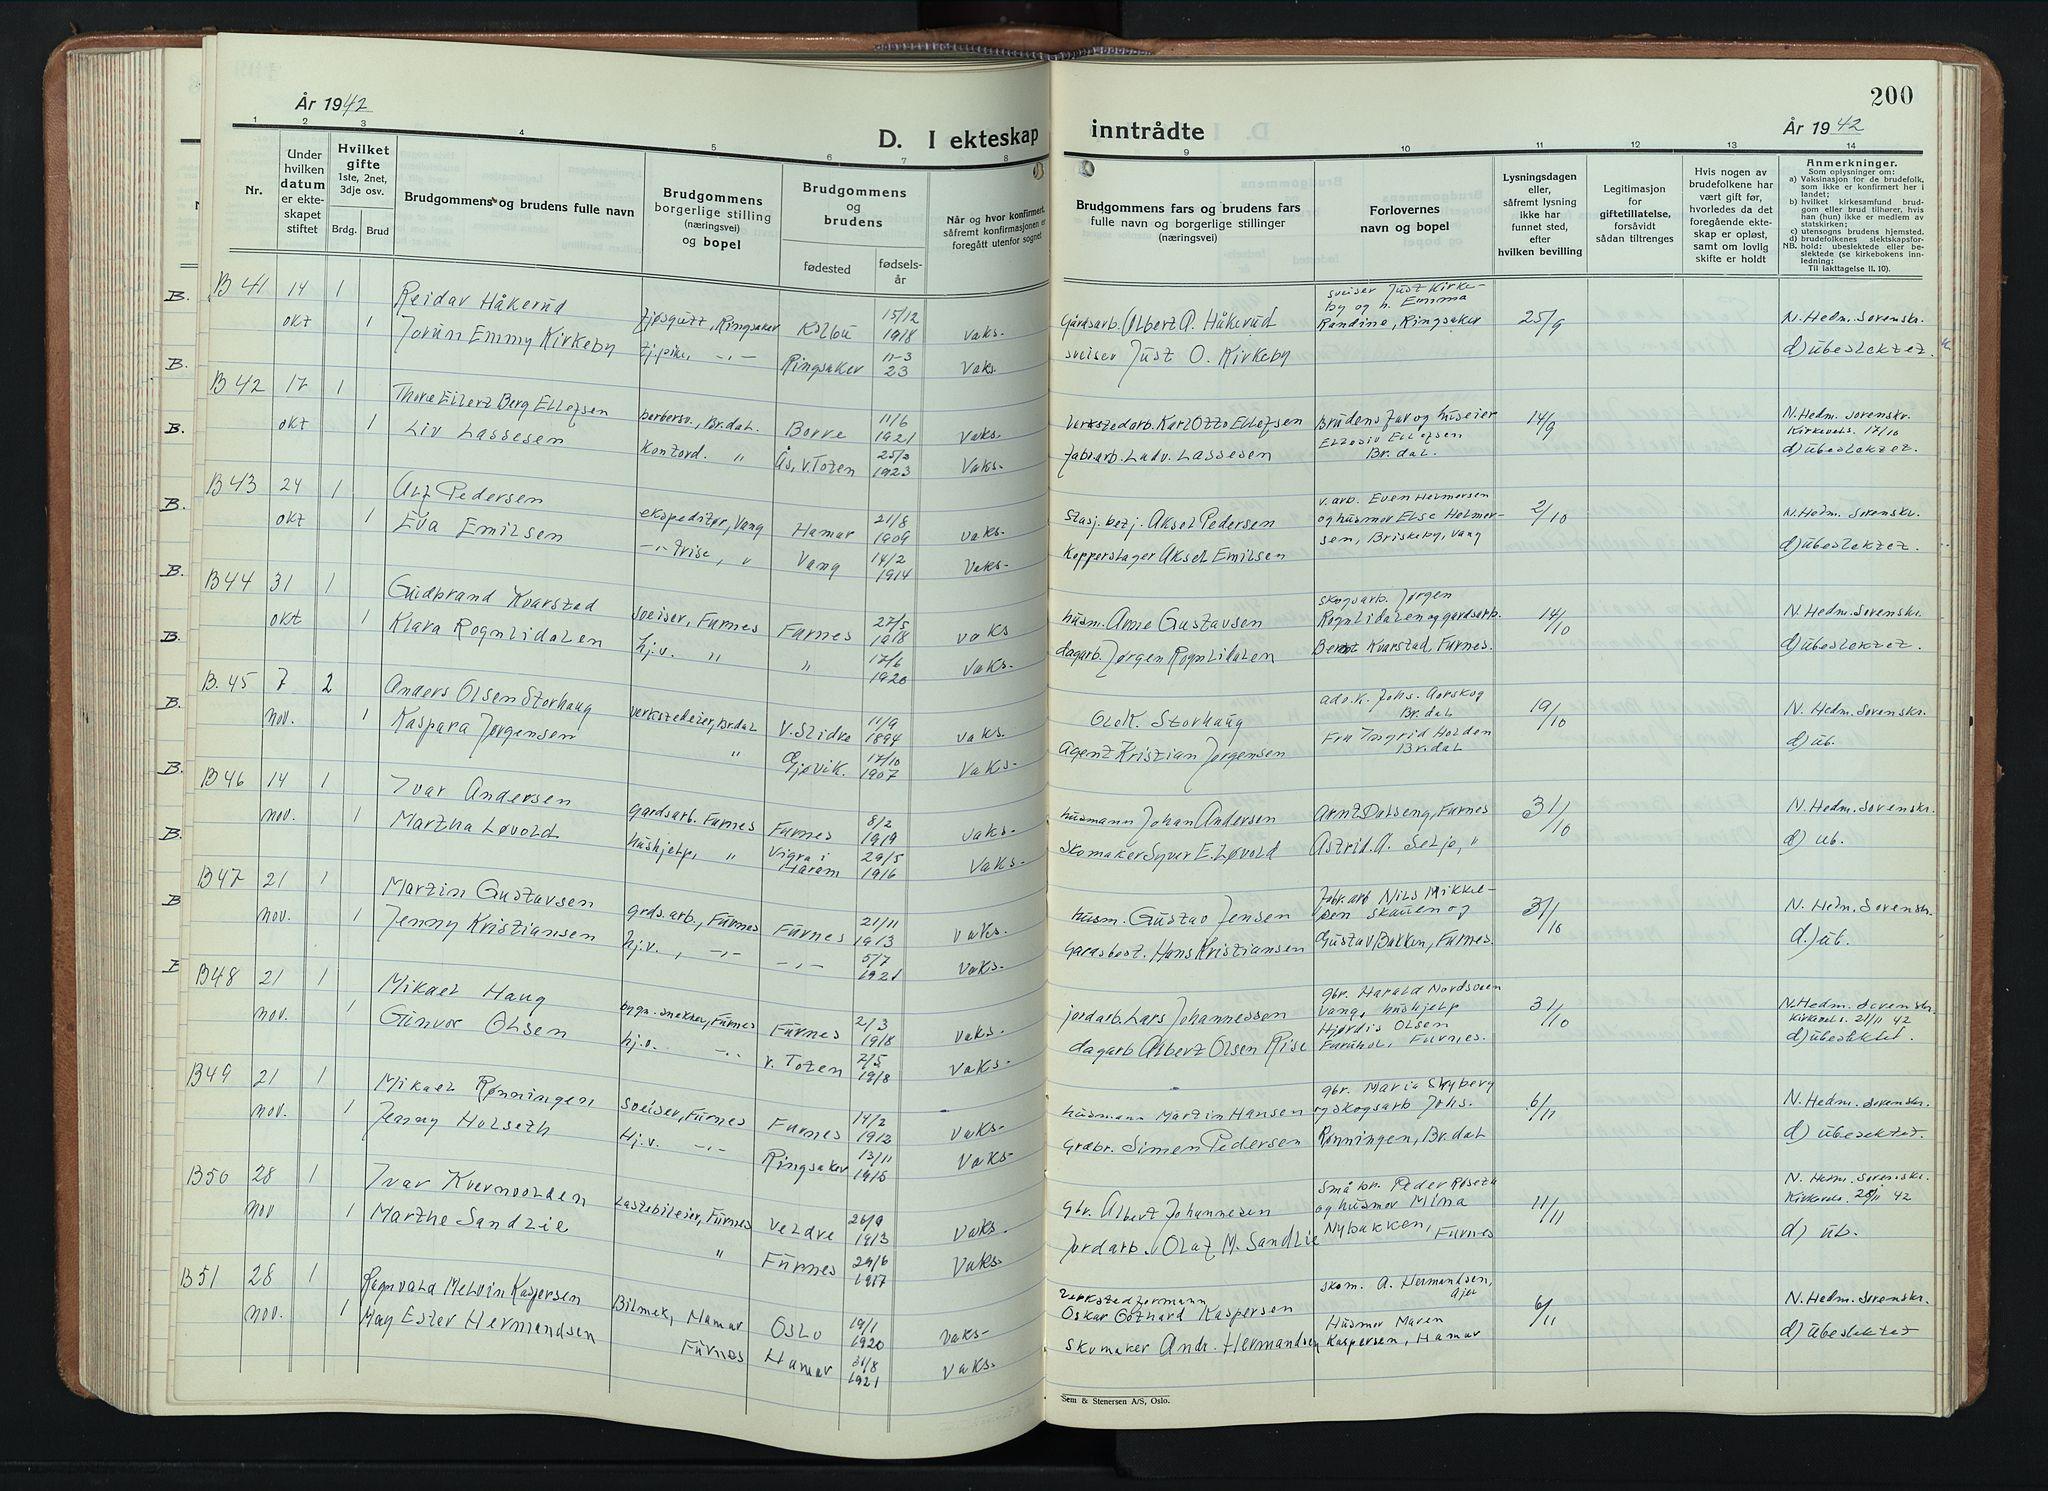 SAH, Furnes sokneprestkontor, L/La/L0002: Klokkerbok nr. 2, 1934-1956, s. 200